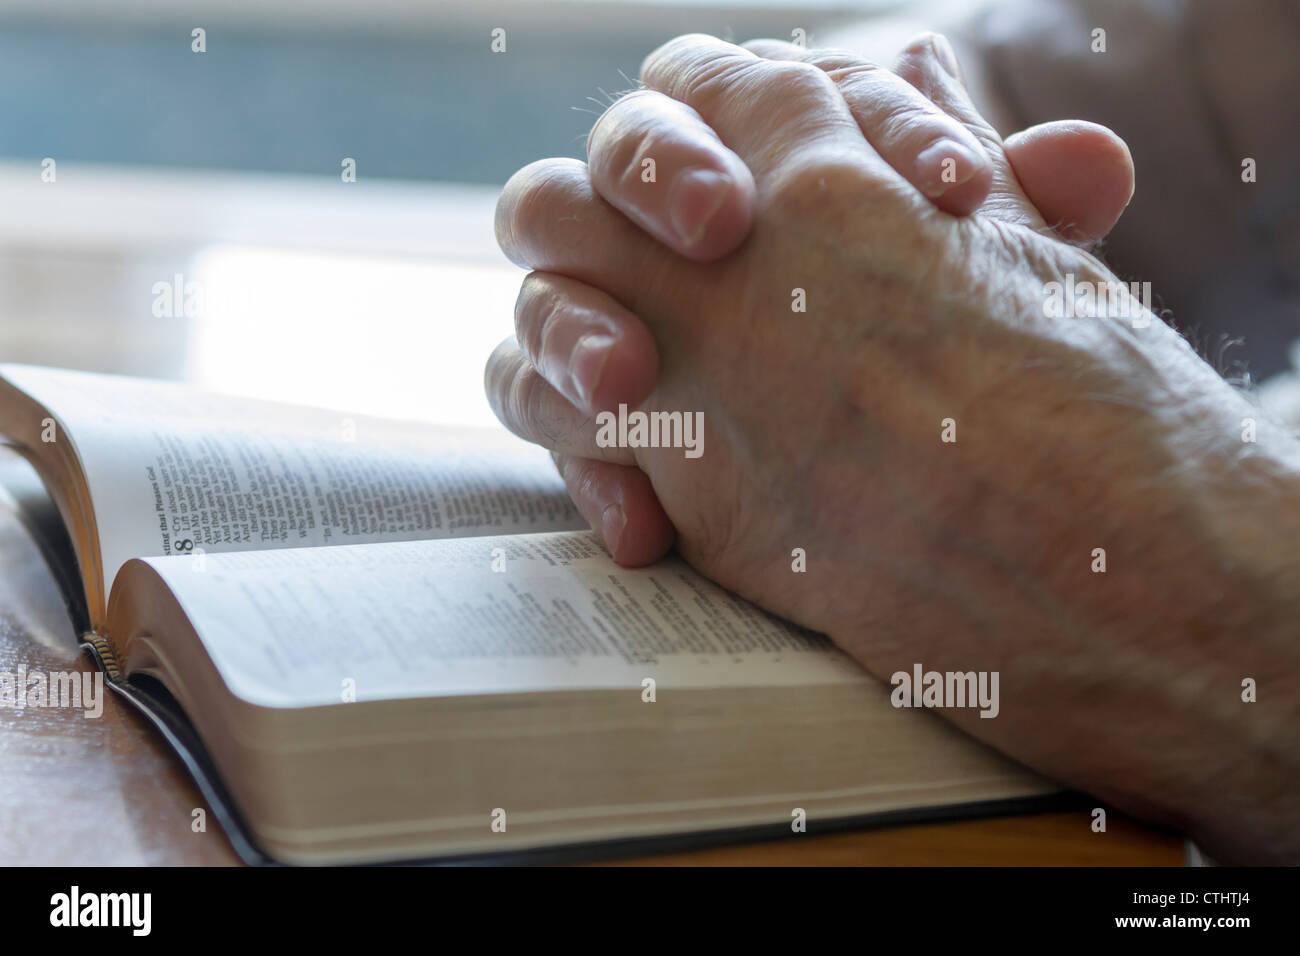 Du vieil homme altéré les mains jointes en prière sur Bible ouverte Photo Stock